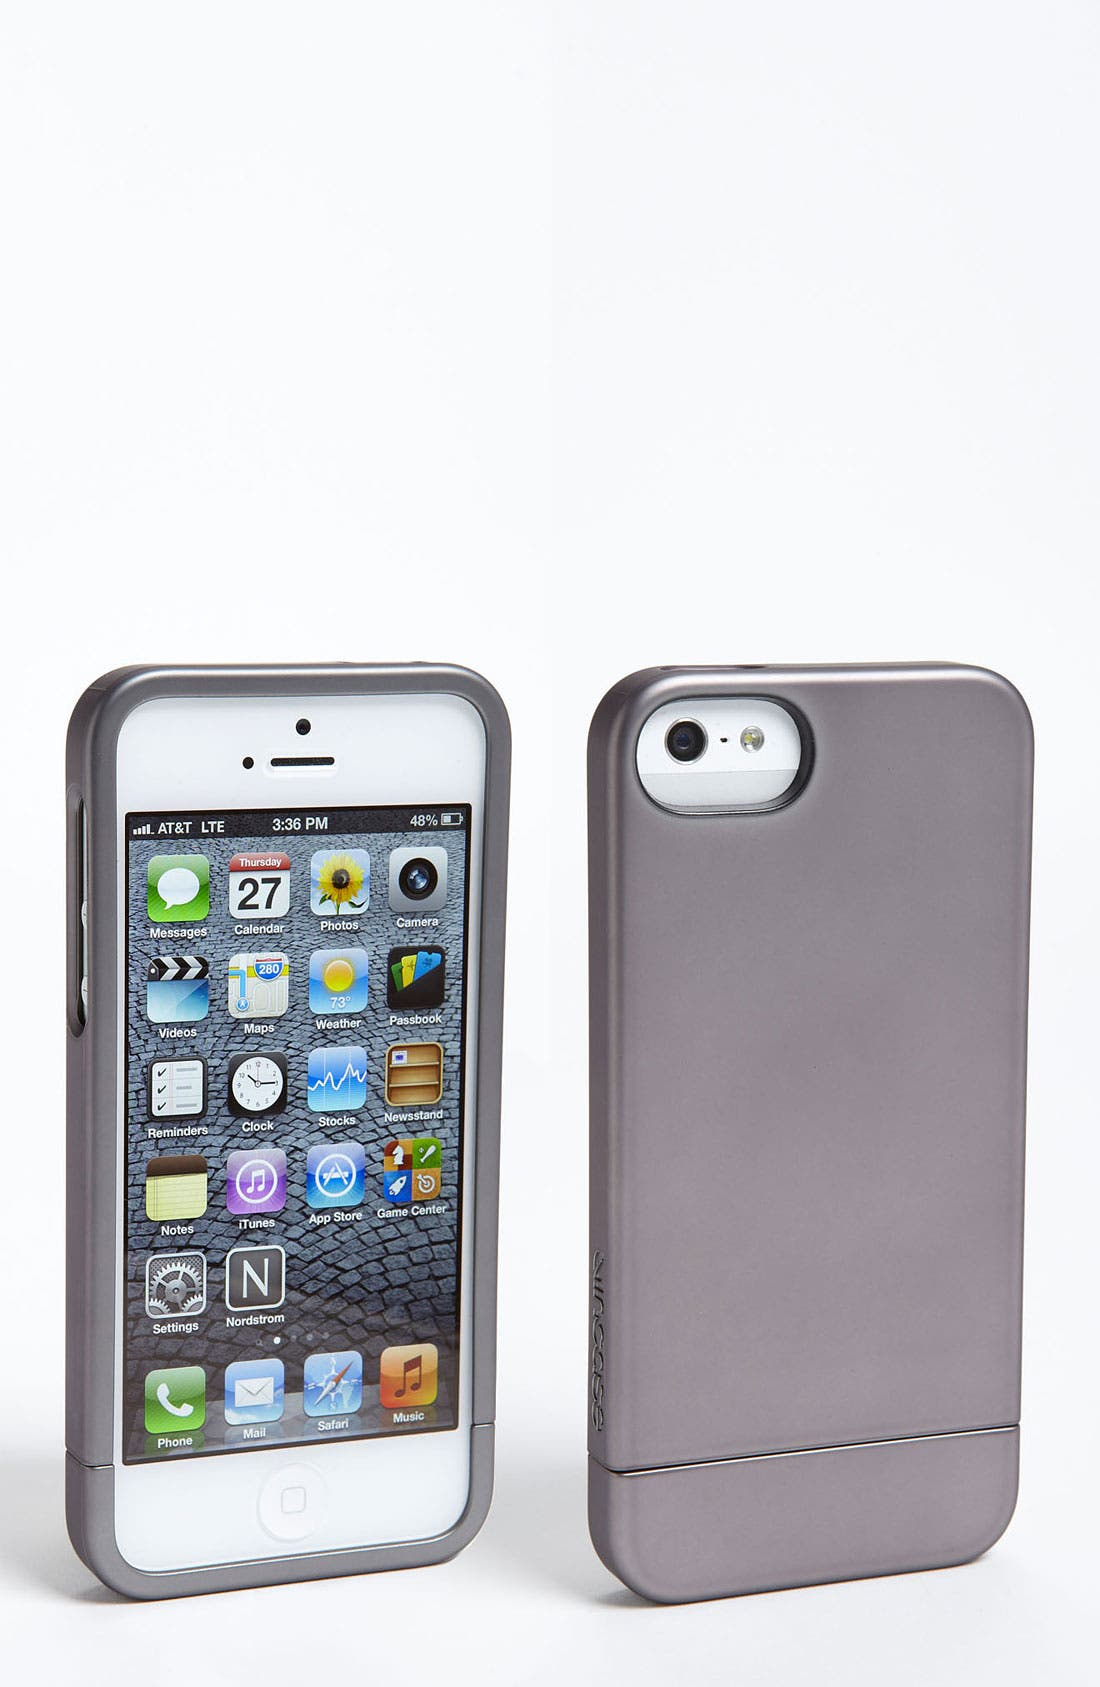 Main Image - Incase Designs iPhone 5 Slider Case